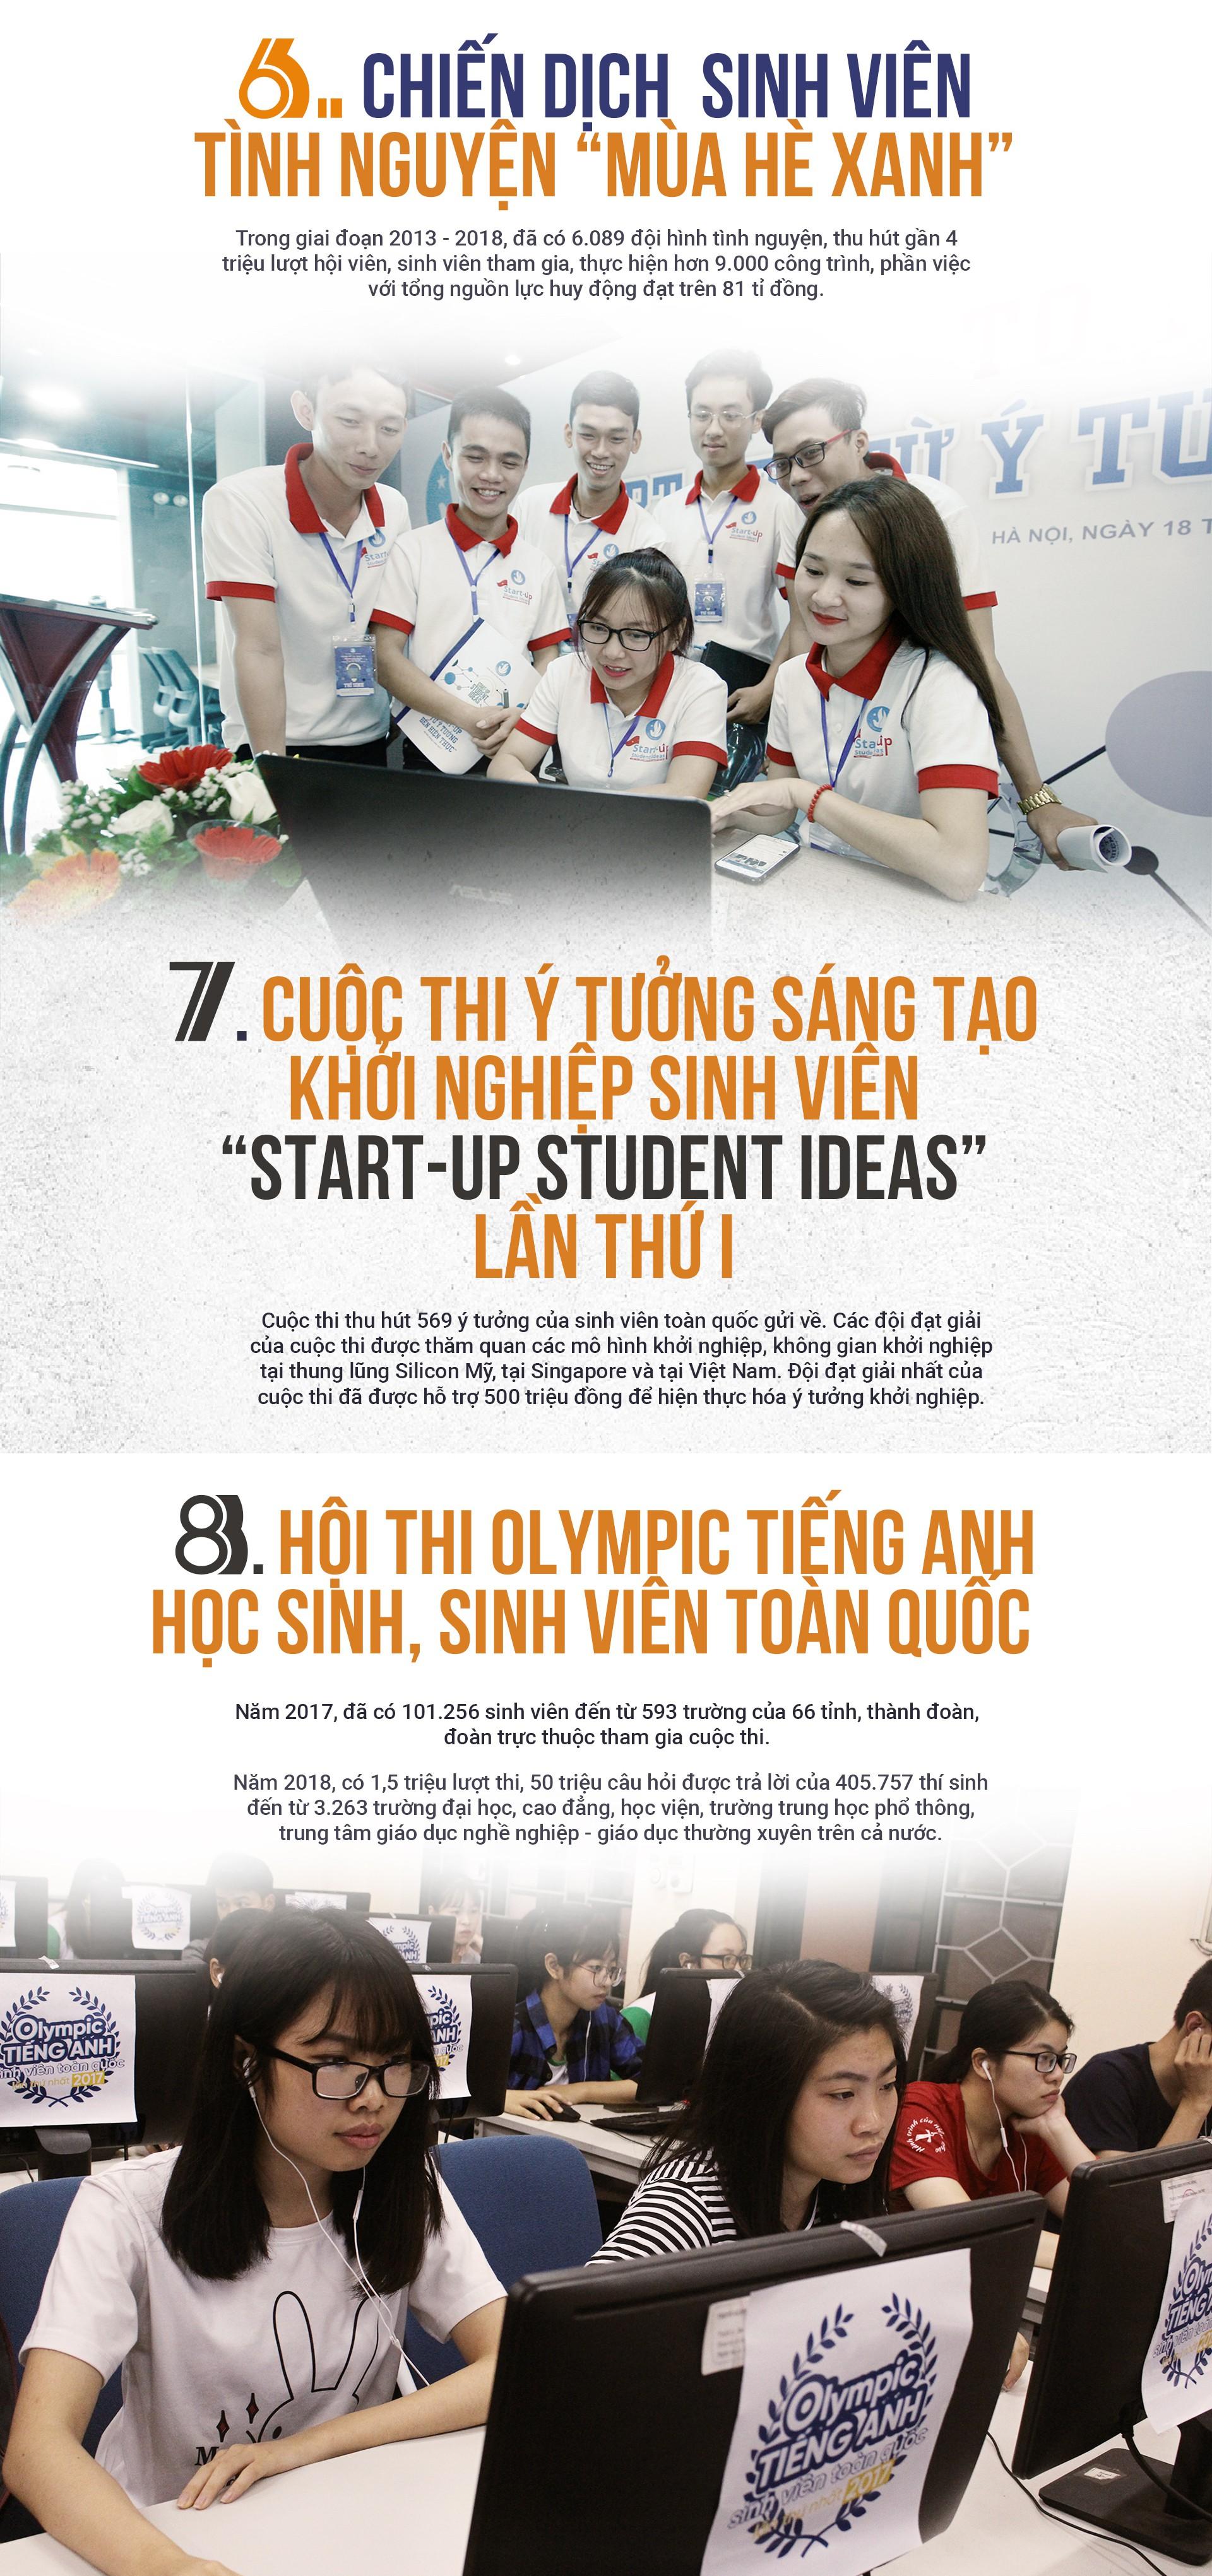 10 hoạt động, chương trình tiêu biểu của sinh viên Việt Nam - Ảnh 4.